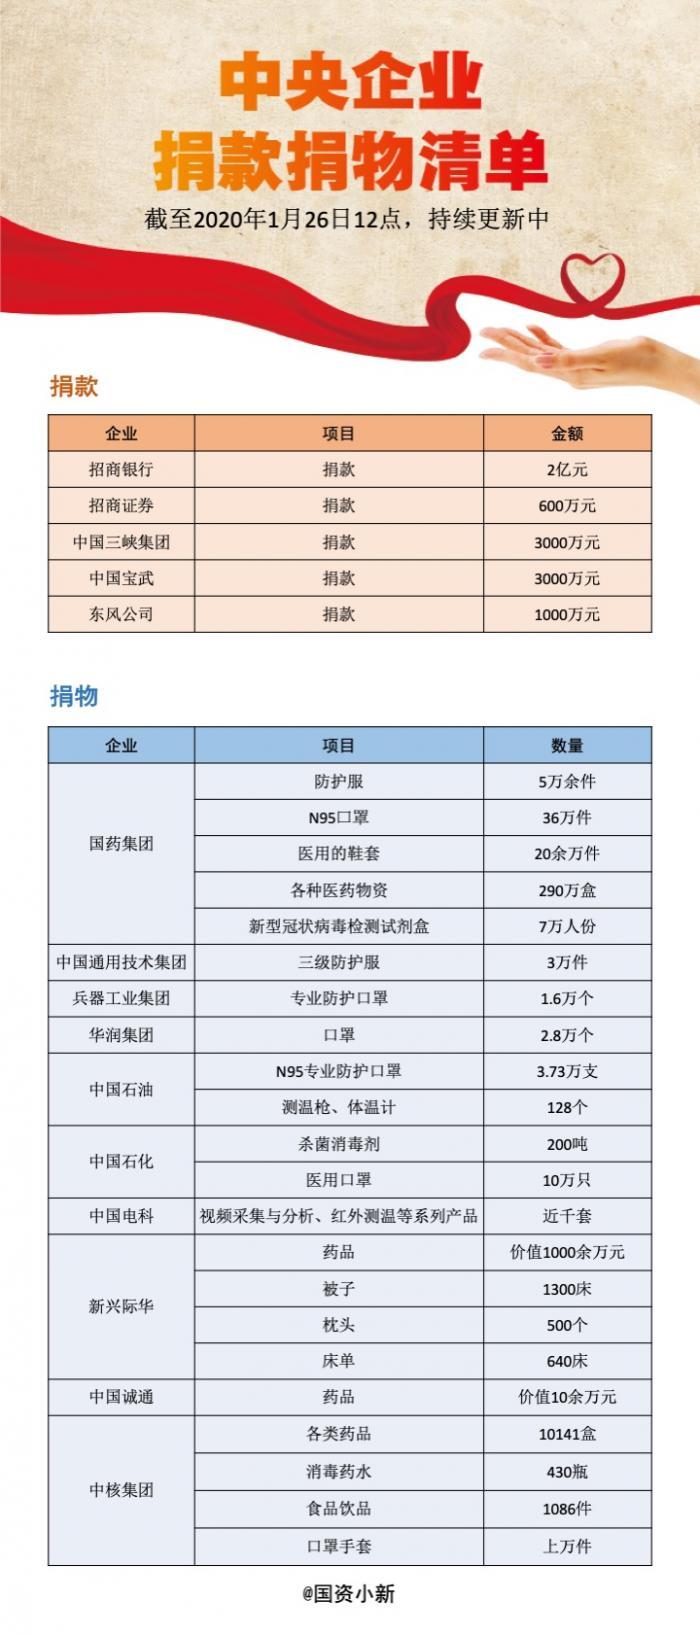 14家央企争向武汉疫区捐款捐医疗物资